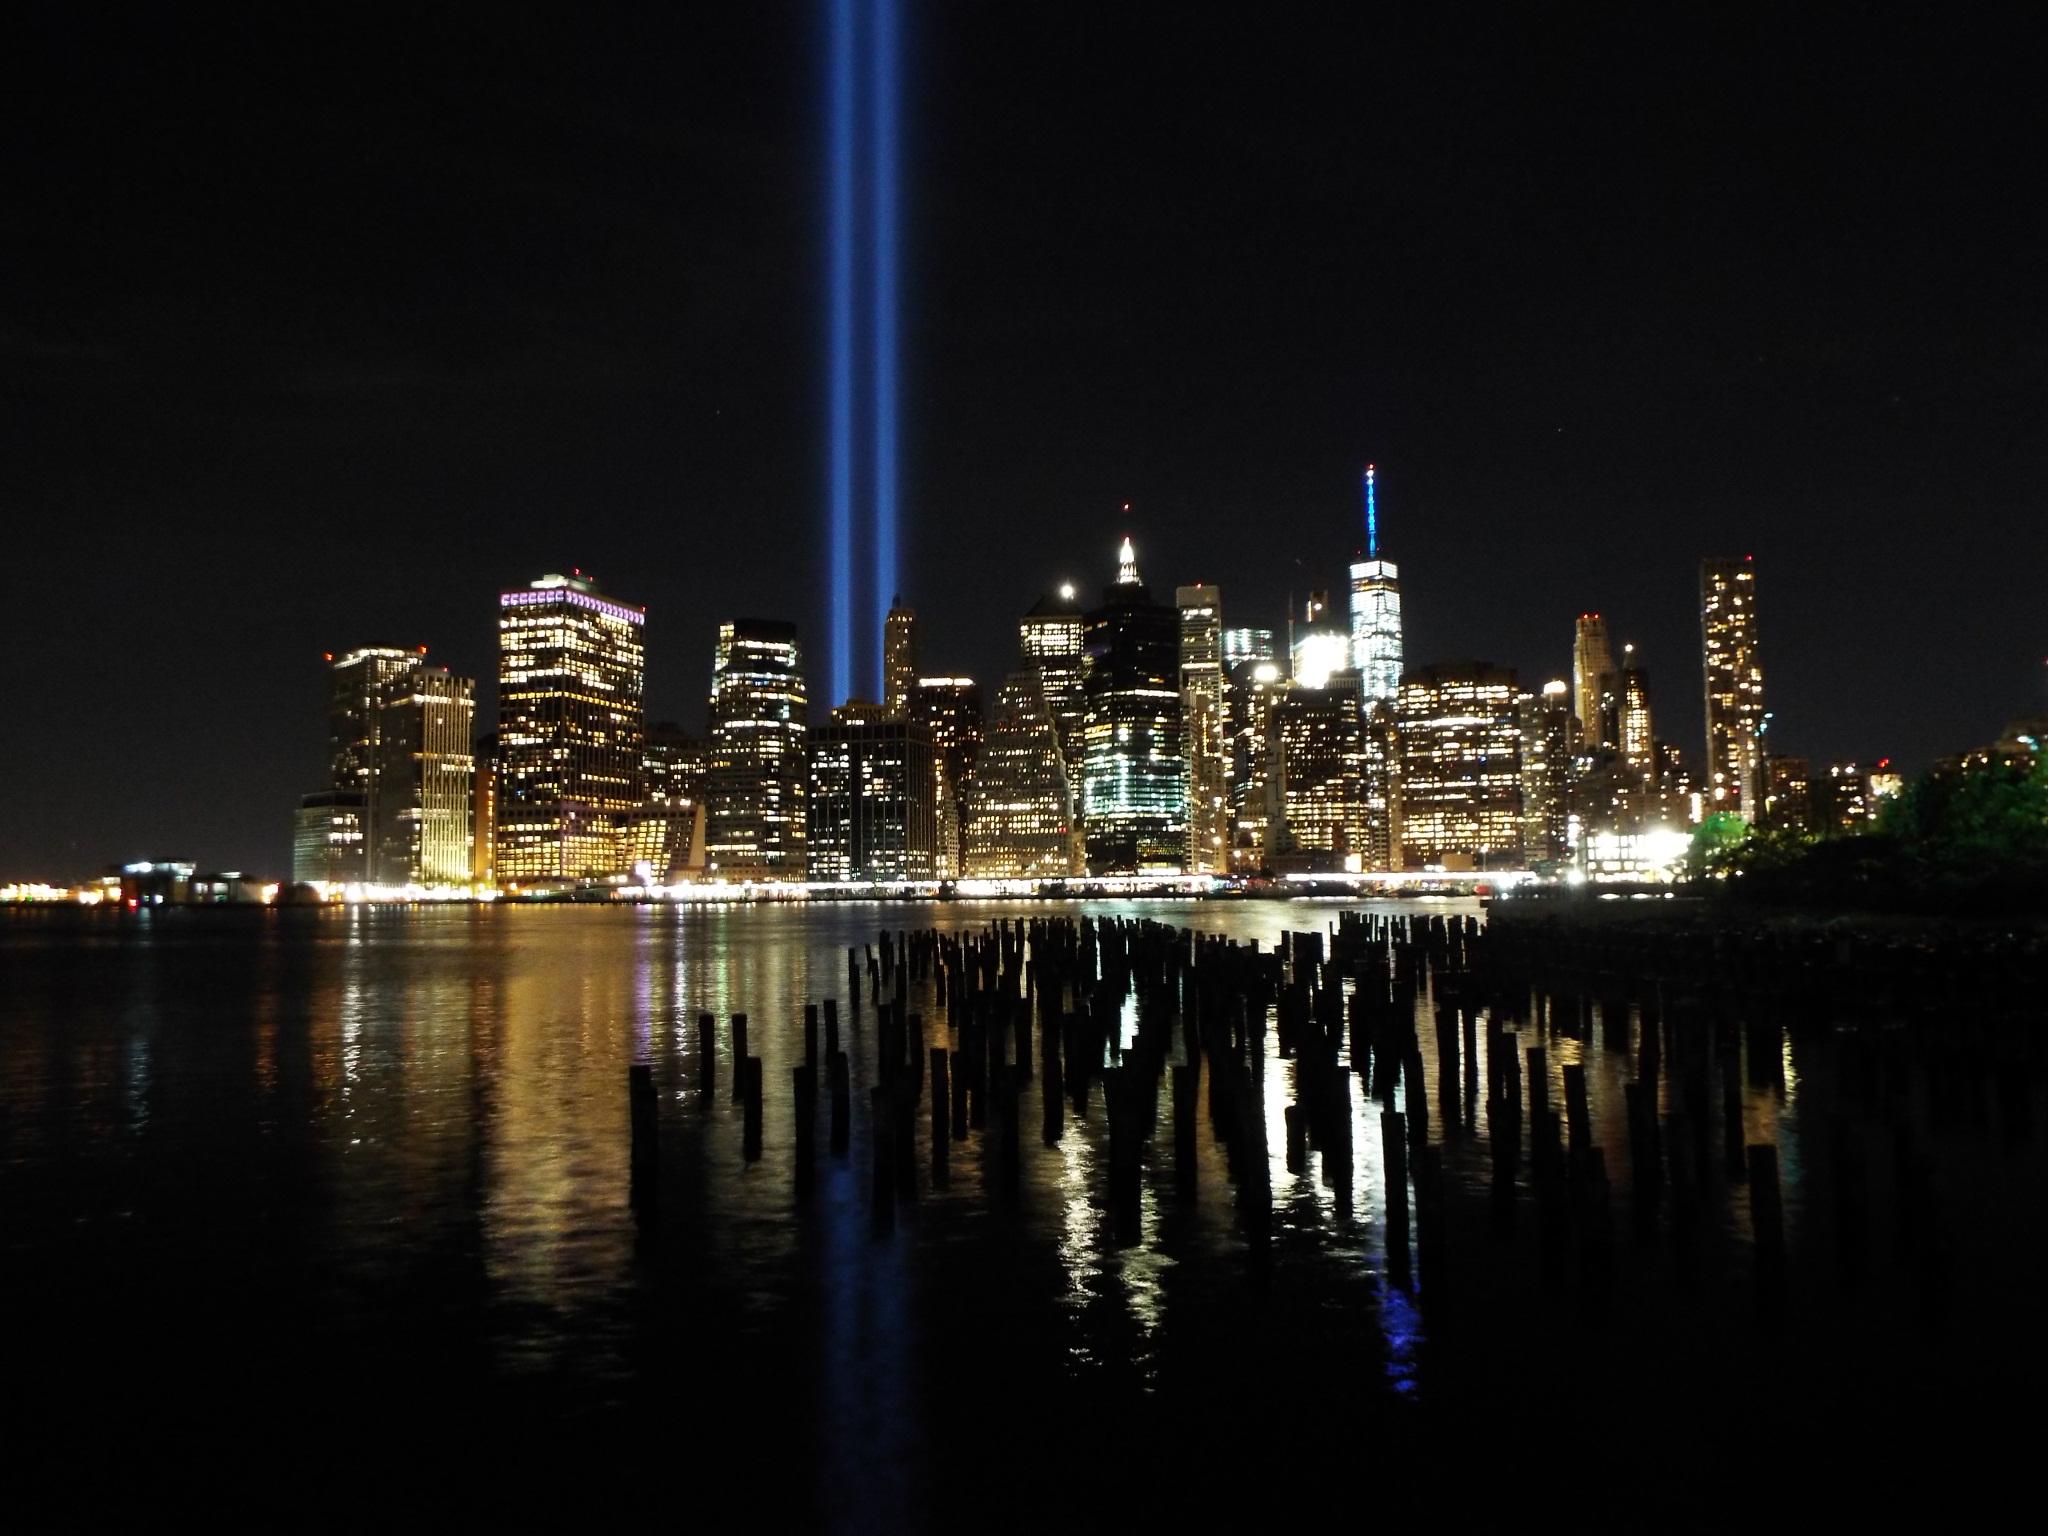 Manhattan látképe 2001.szeptember 11-én megváltozott, a World Trade Center tornyaira már csak a fénycsóvák emlékeztetnek.